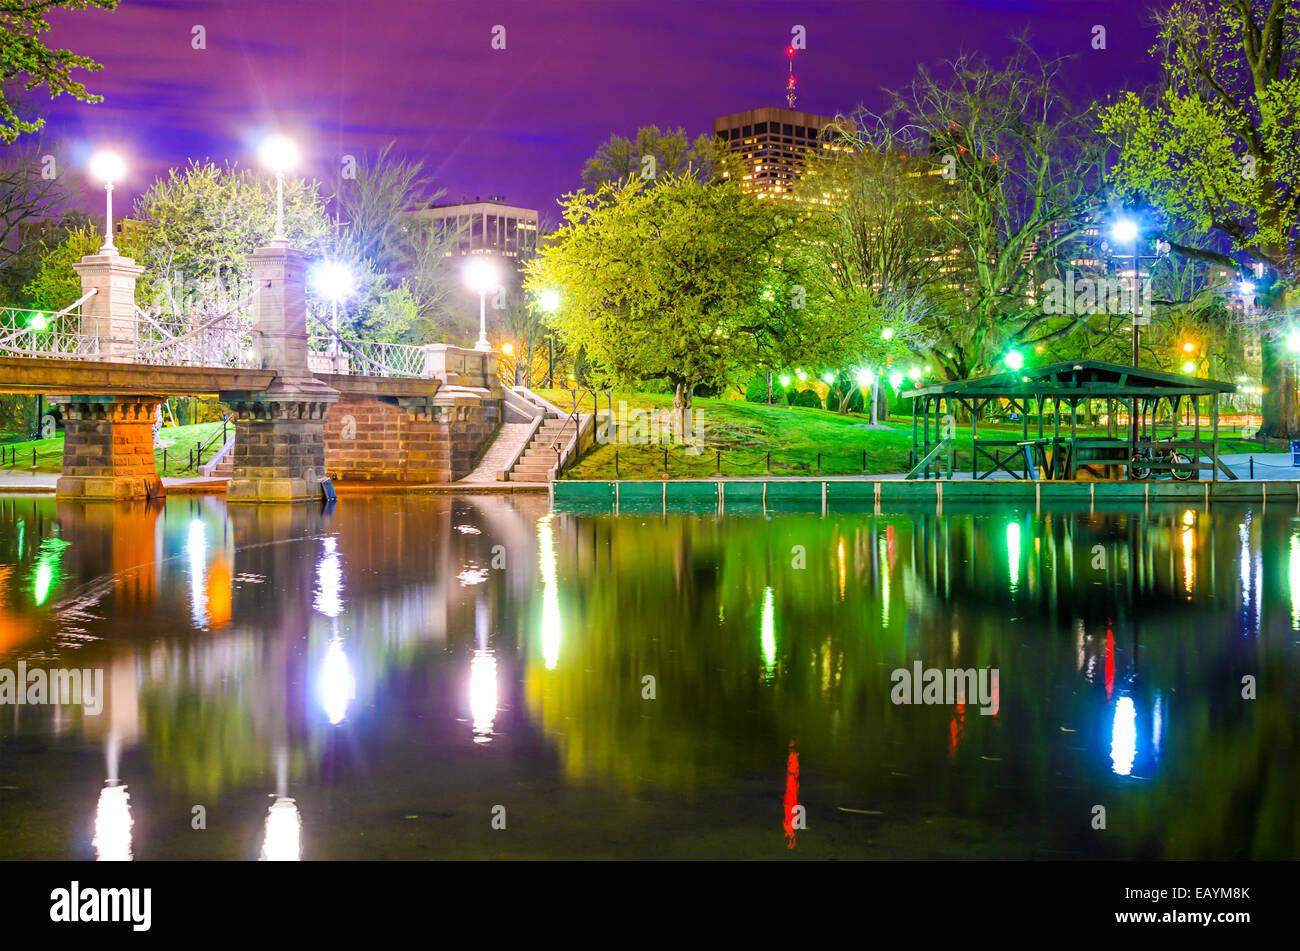 Puente de la laguna y el horizonte de Boston, Massachusetts desde el Boston Public Gardens. Imagen De Stock